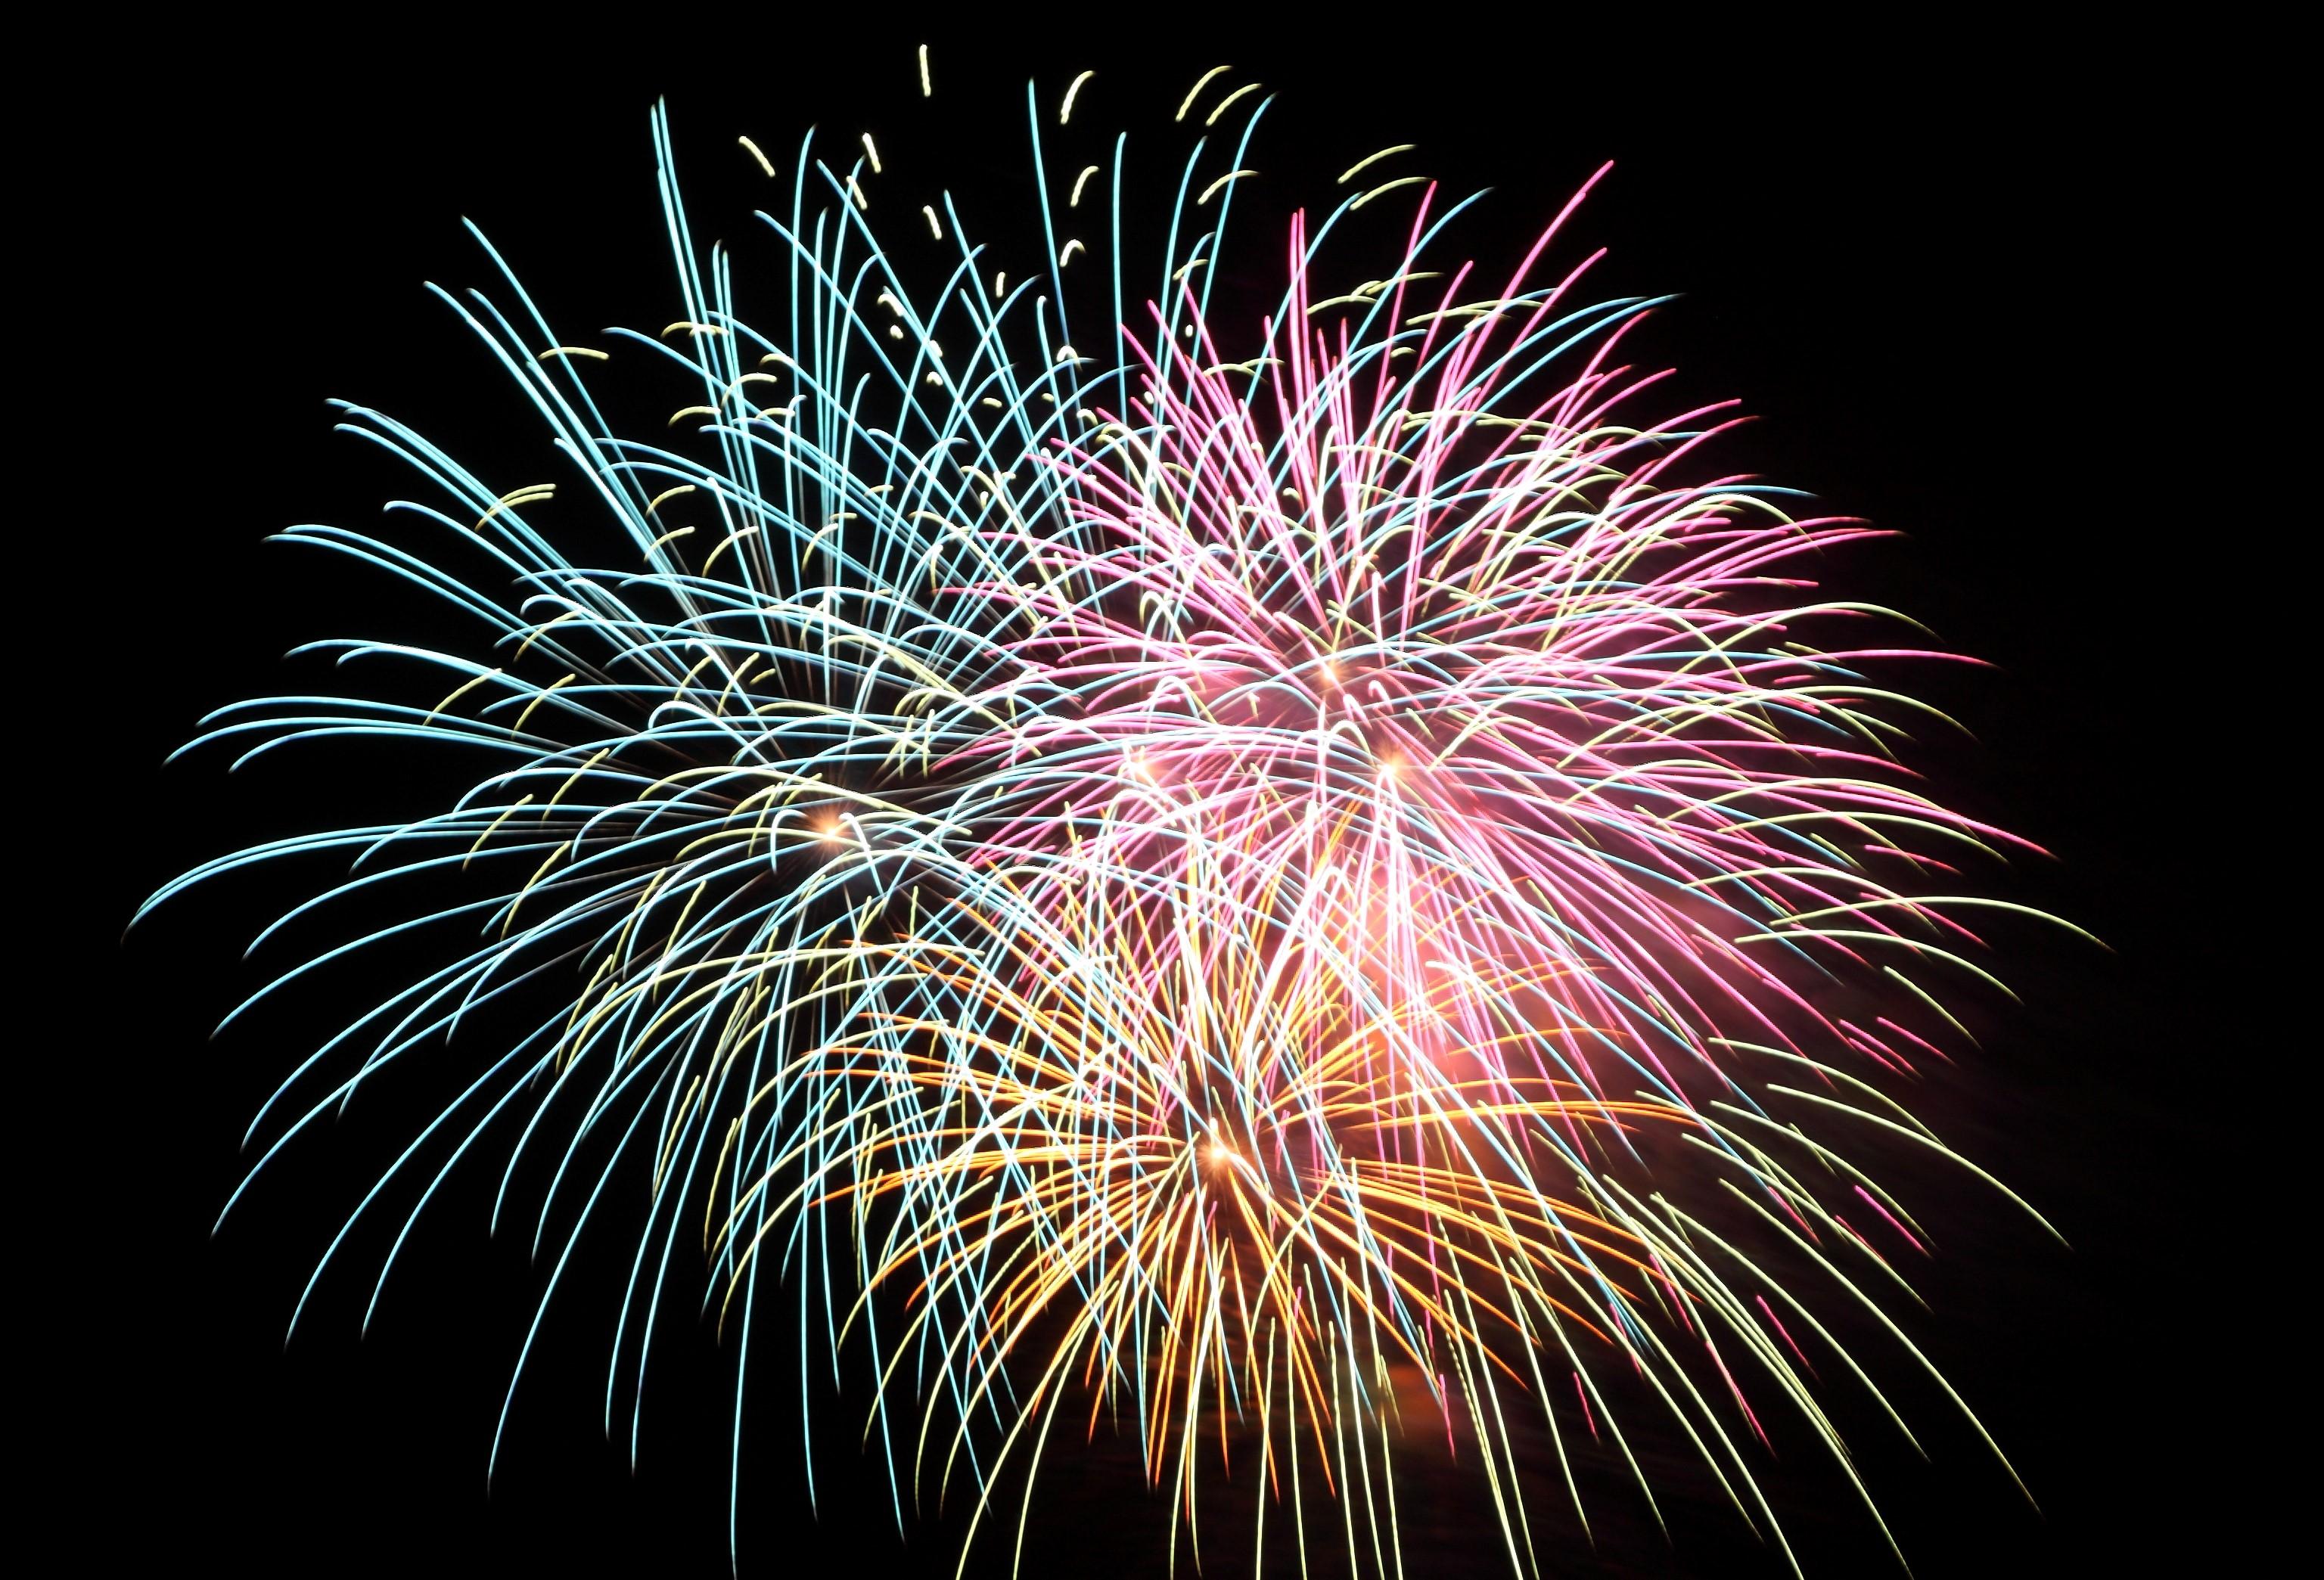 温泉街の目の前のビーチで打ち上がる大輪の花火